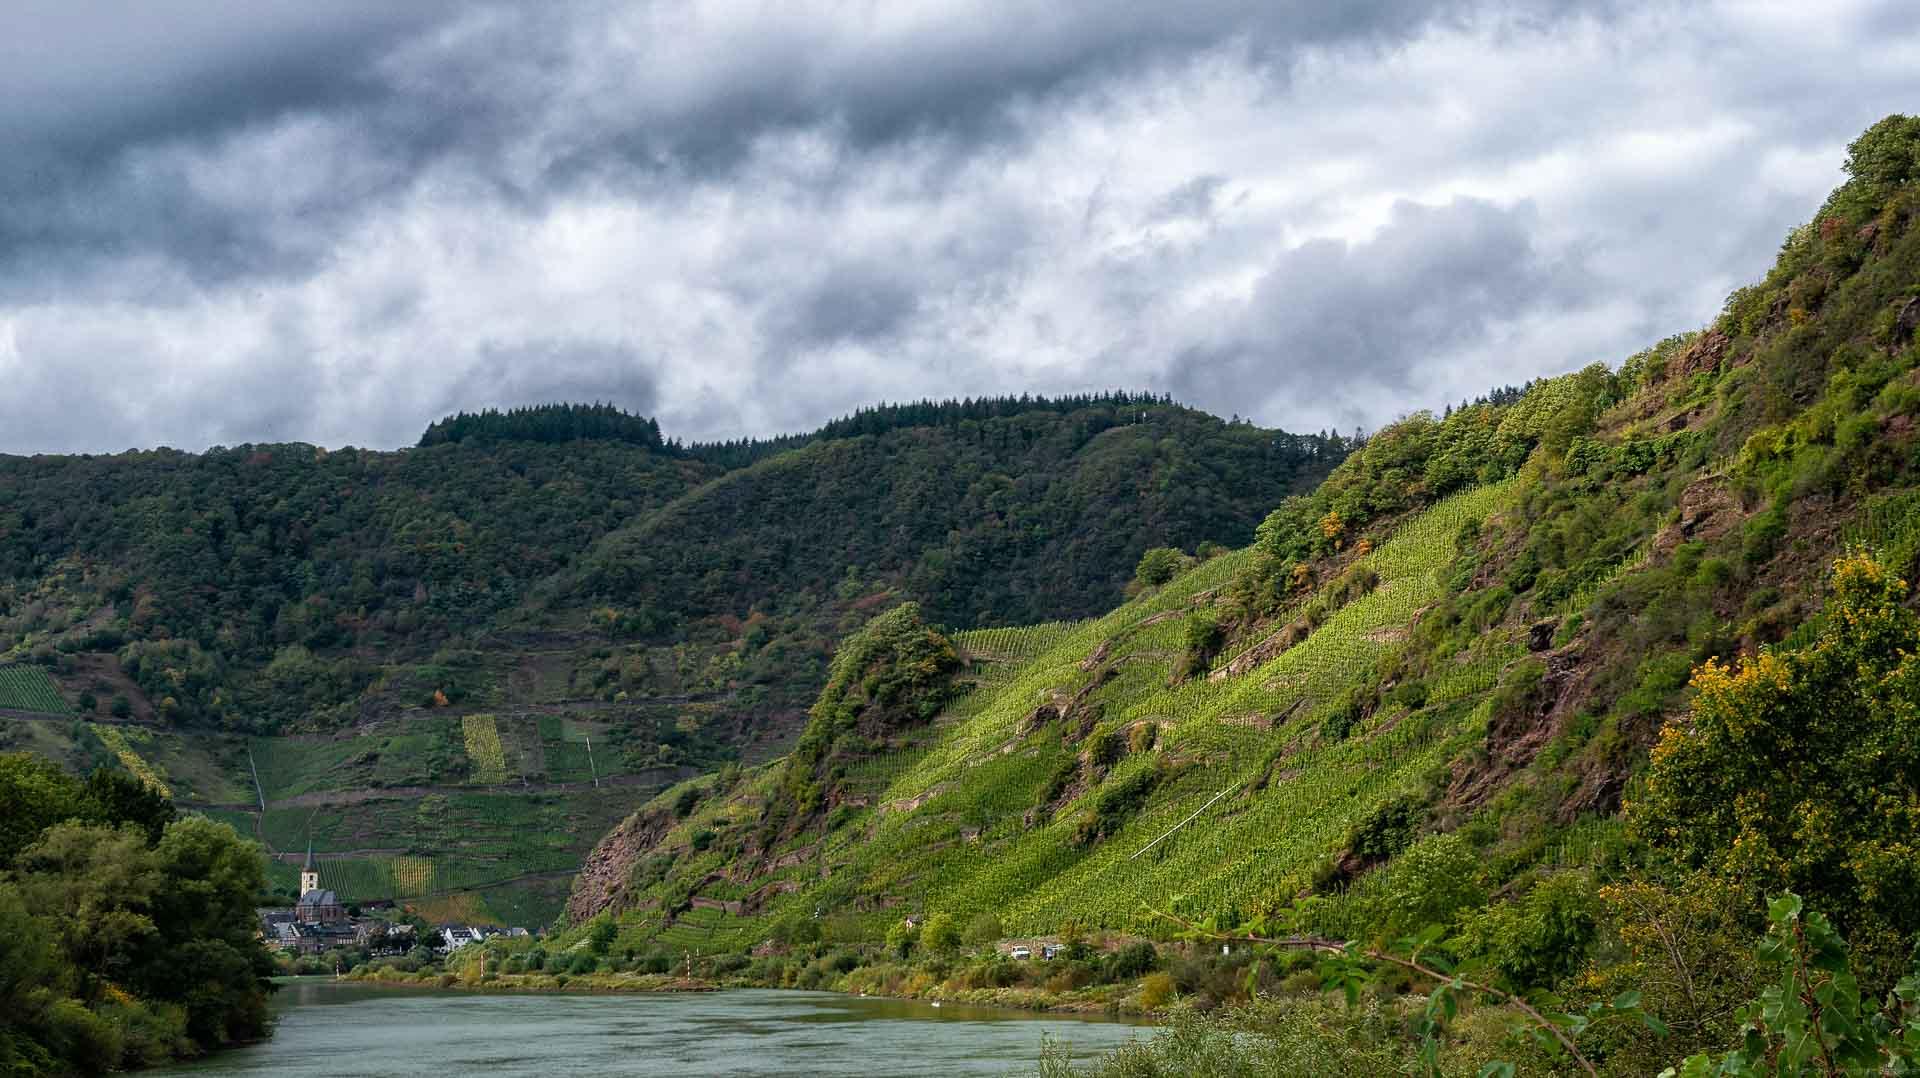 Blick auf den Weinberg Neefer Frauenberg mit Calmont im Hintergrund. Vorne fließt der Fluss Mosel. Am Himmel sind Wolken.